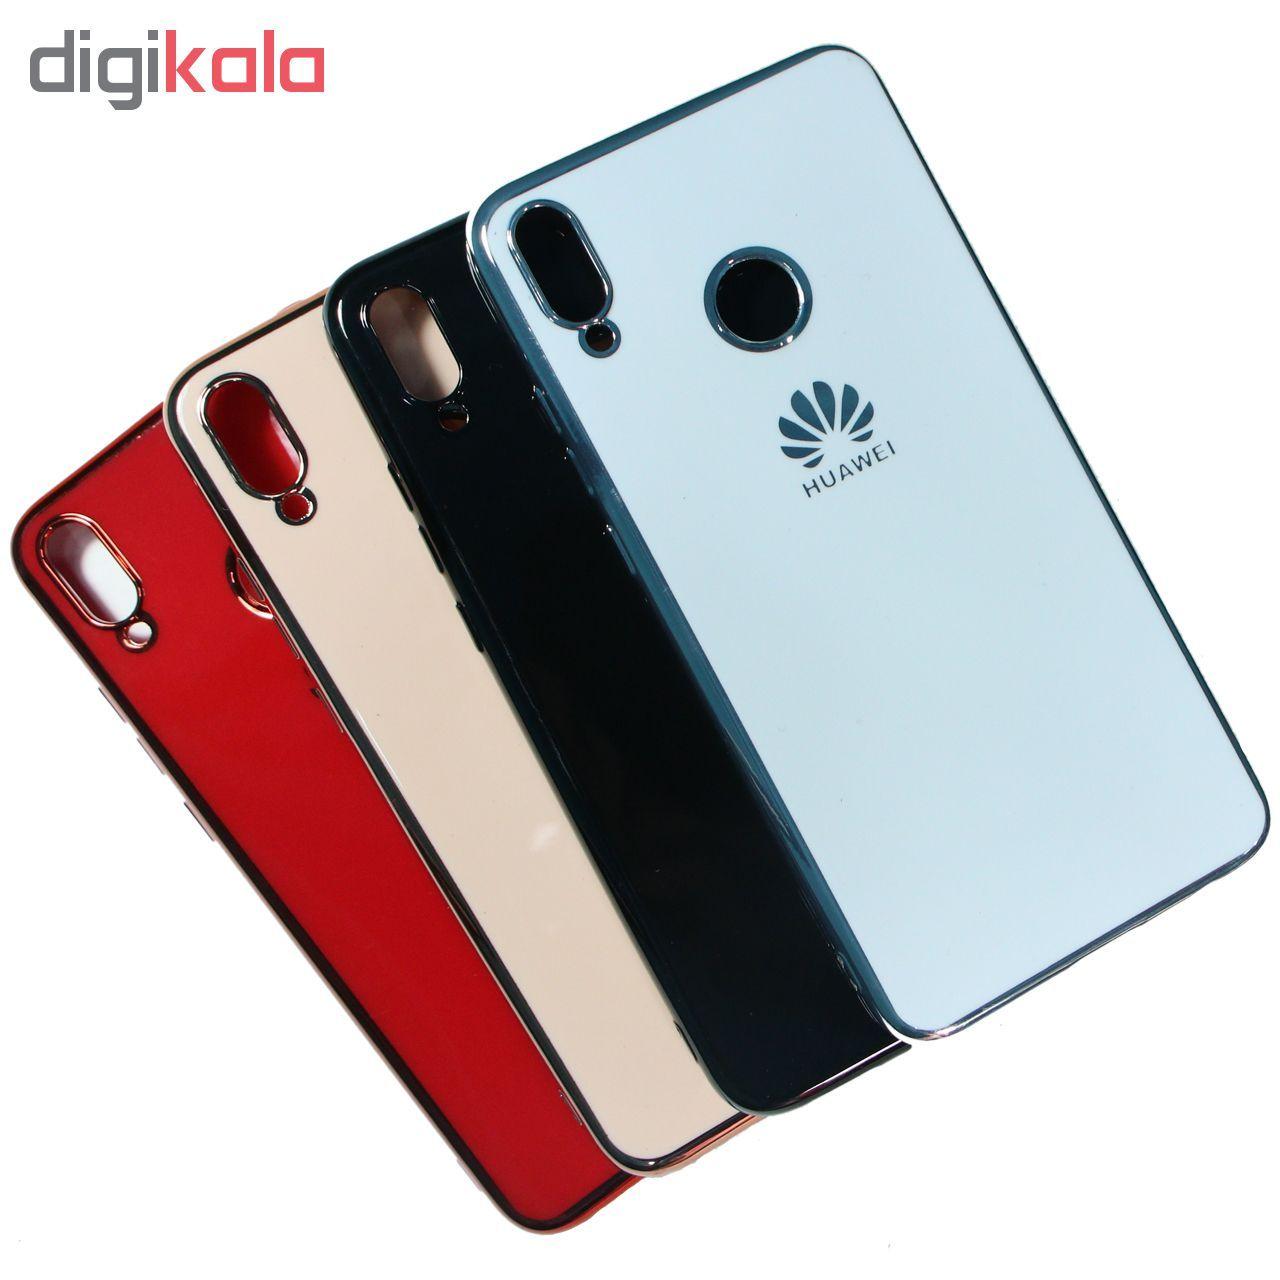 کاور مدل A1 مناسب برای گوشی موبایل هوآوی Y9 2019 main 1 2